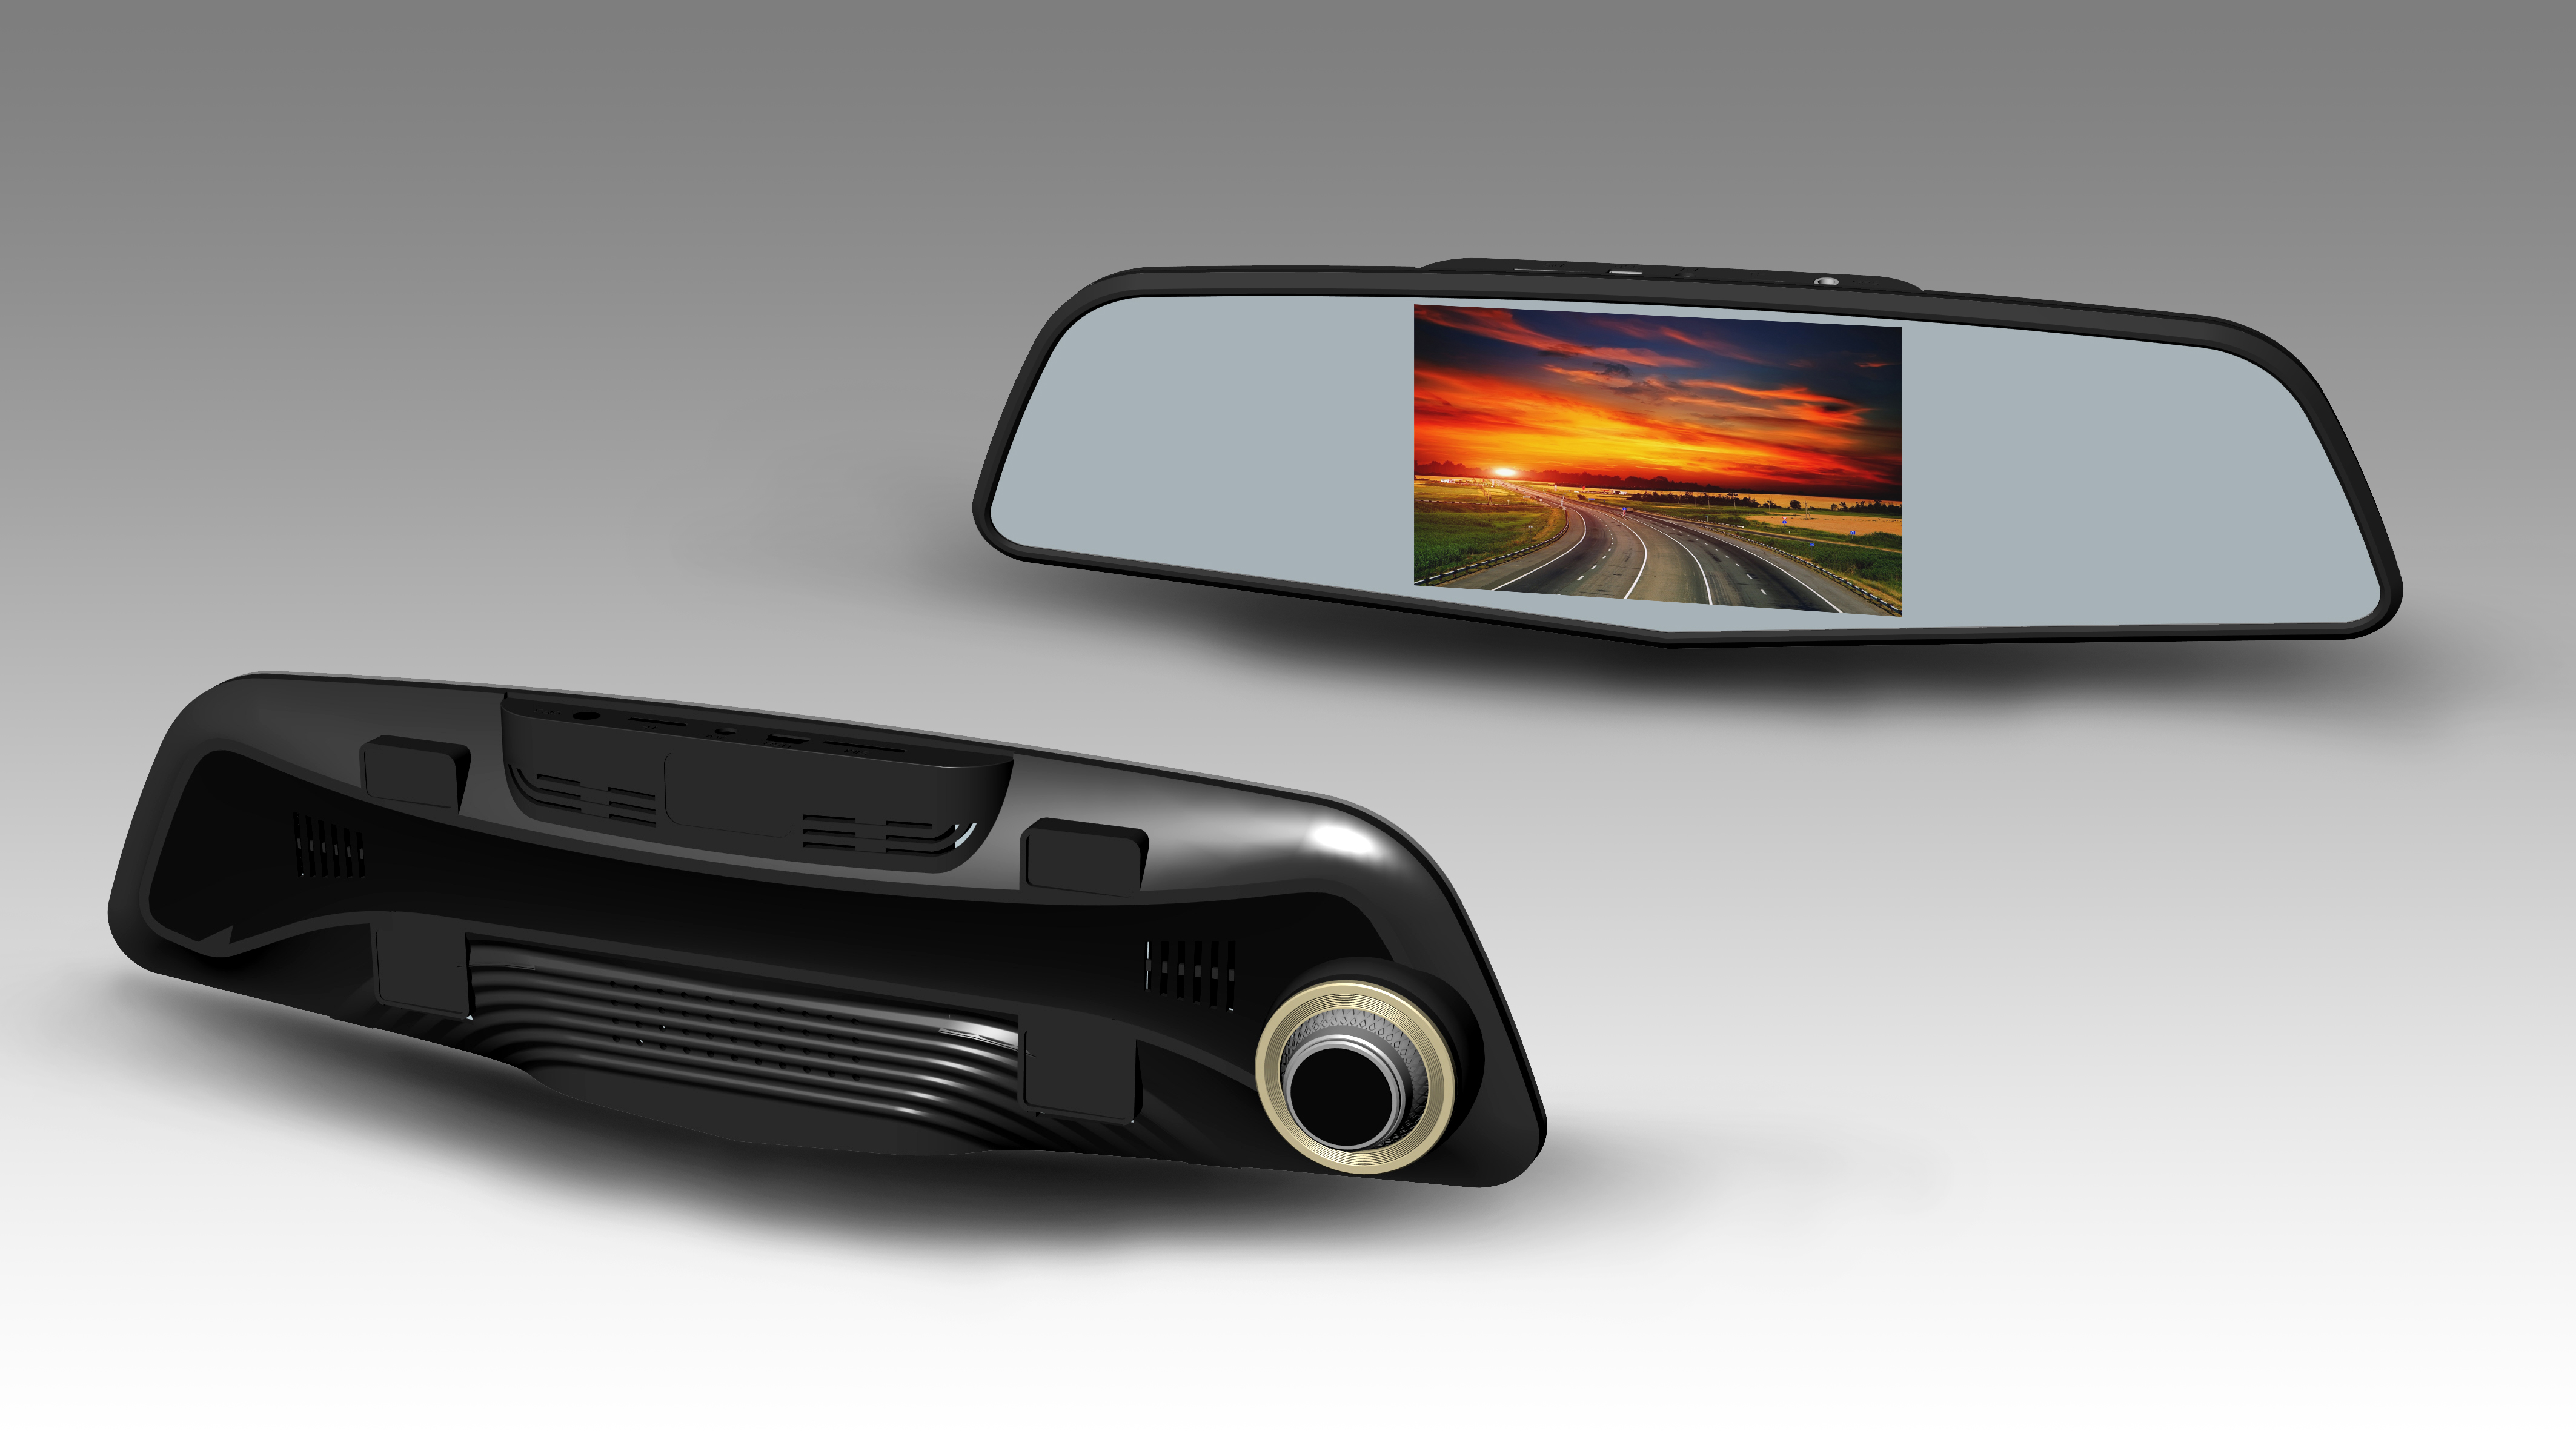 智能后视镜行车记录仪518延续米狗时尚大方设计风格,采用顶级电镀工艺